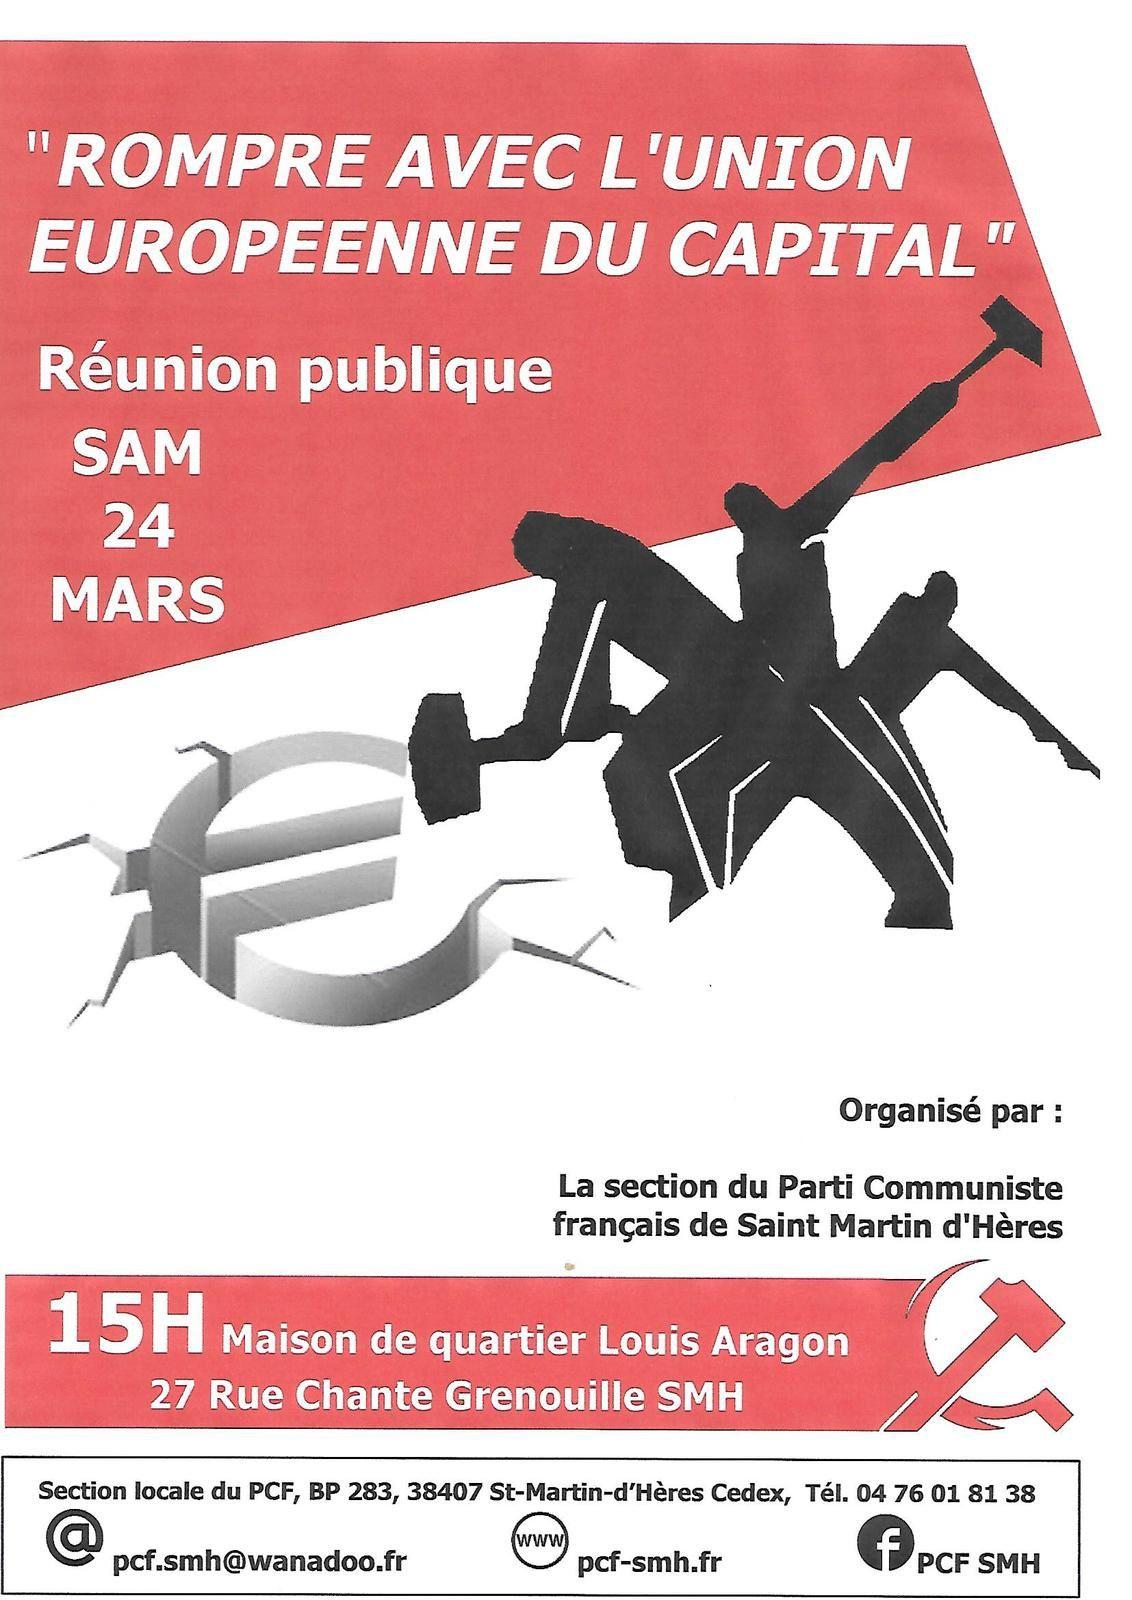 Saint-Martin-d'Hères. Réunion publique: rupture avec l'Union Européenne du capital